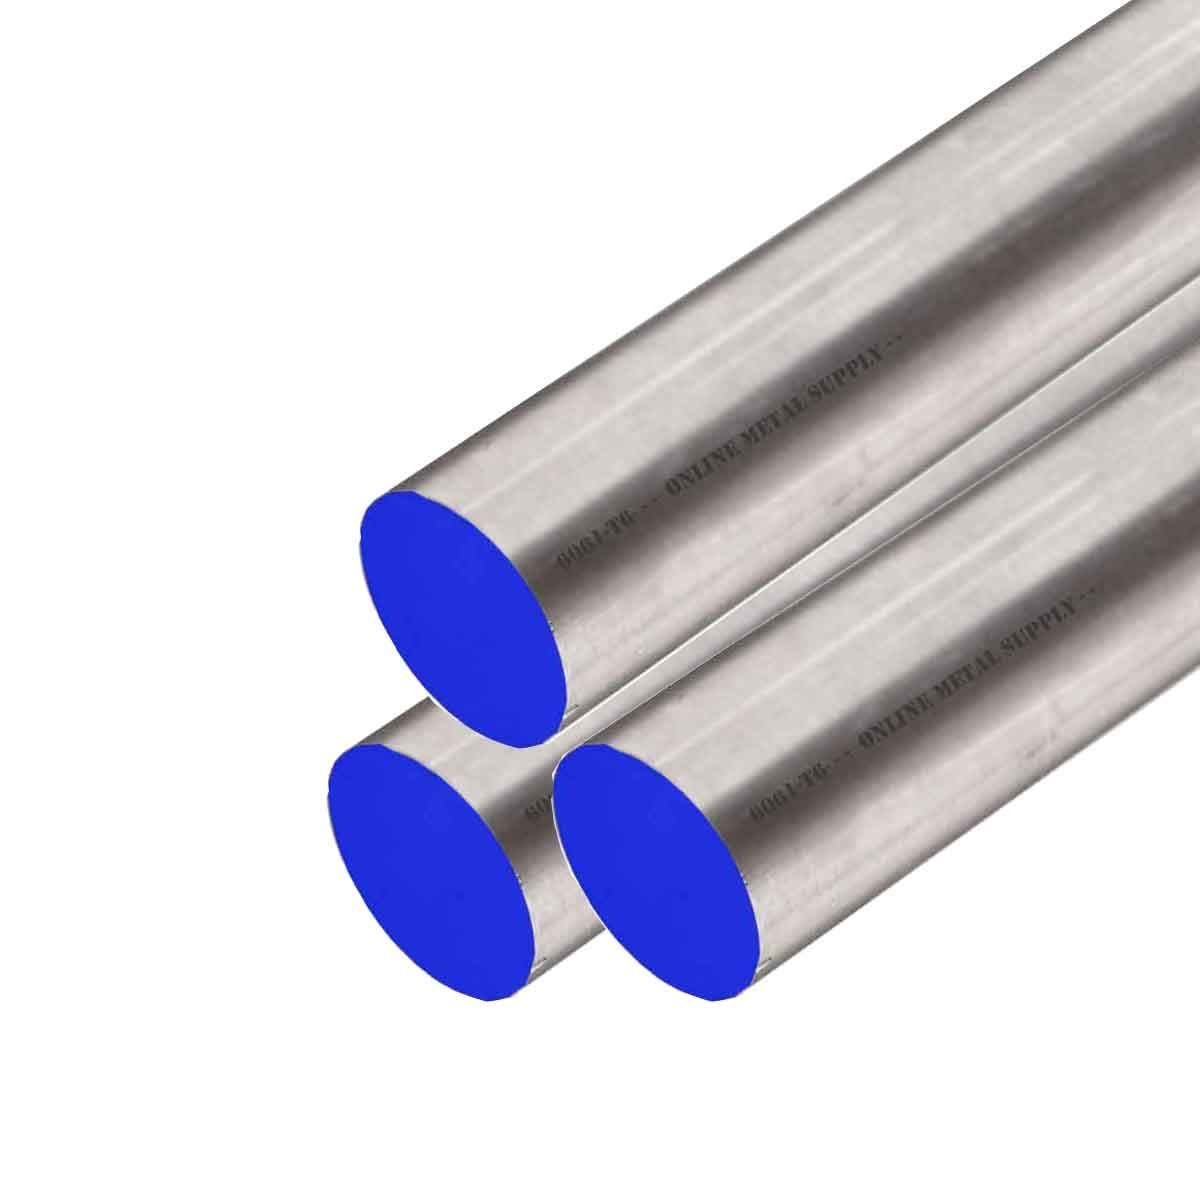 ZORO SELECT 2EYJ6 Rod,Aluminum,6061,3//8 In Dia x 6 Ft L